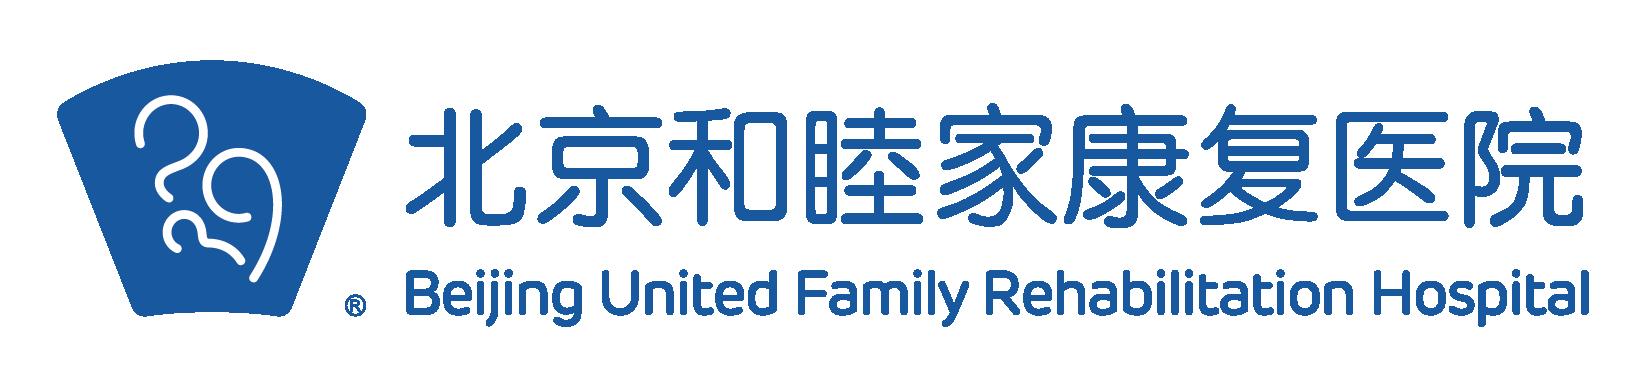 """""""环球趋势""""责任践行奖候选企业——北京和睦家康复医院"""